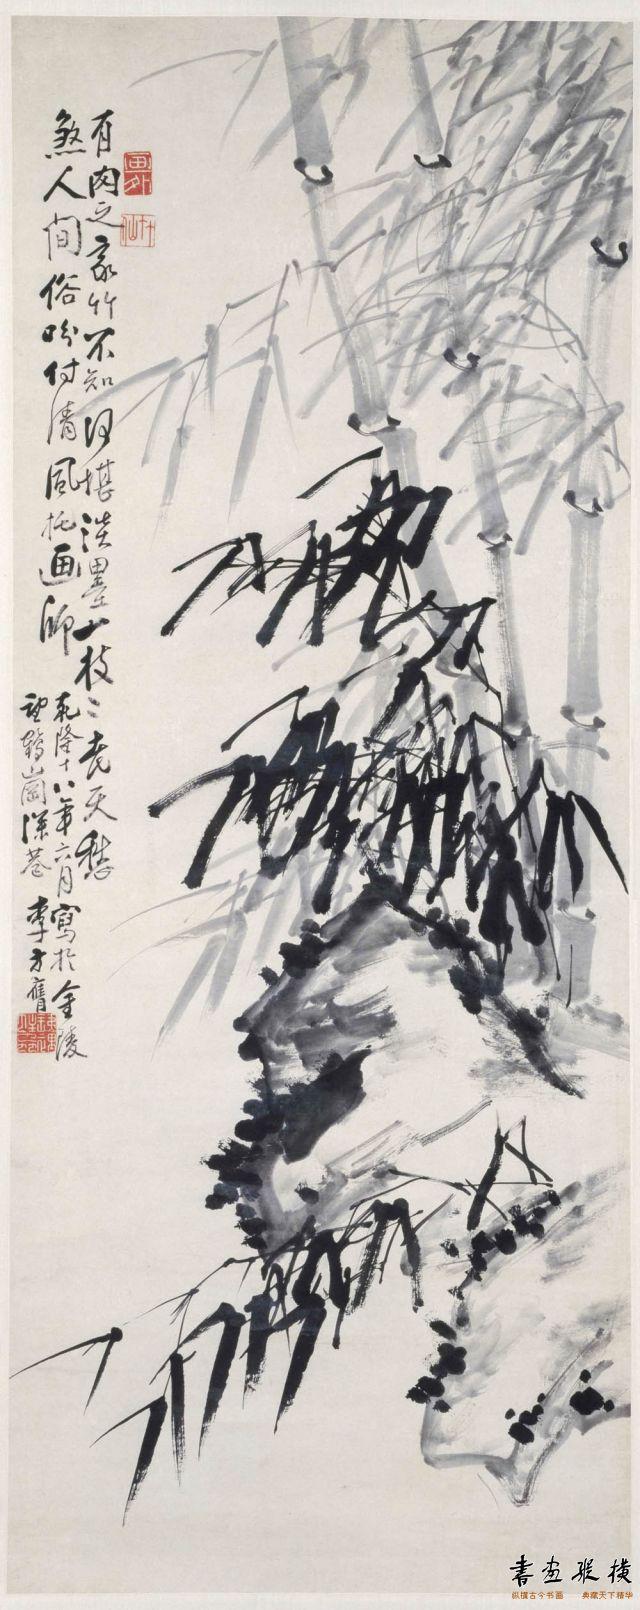 清 李方膺 竹石图 纸本 墨笔 纵139.5厘米 横54厘米 故宫博物院藏